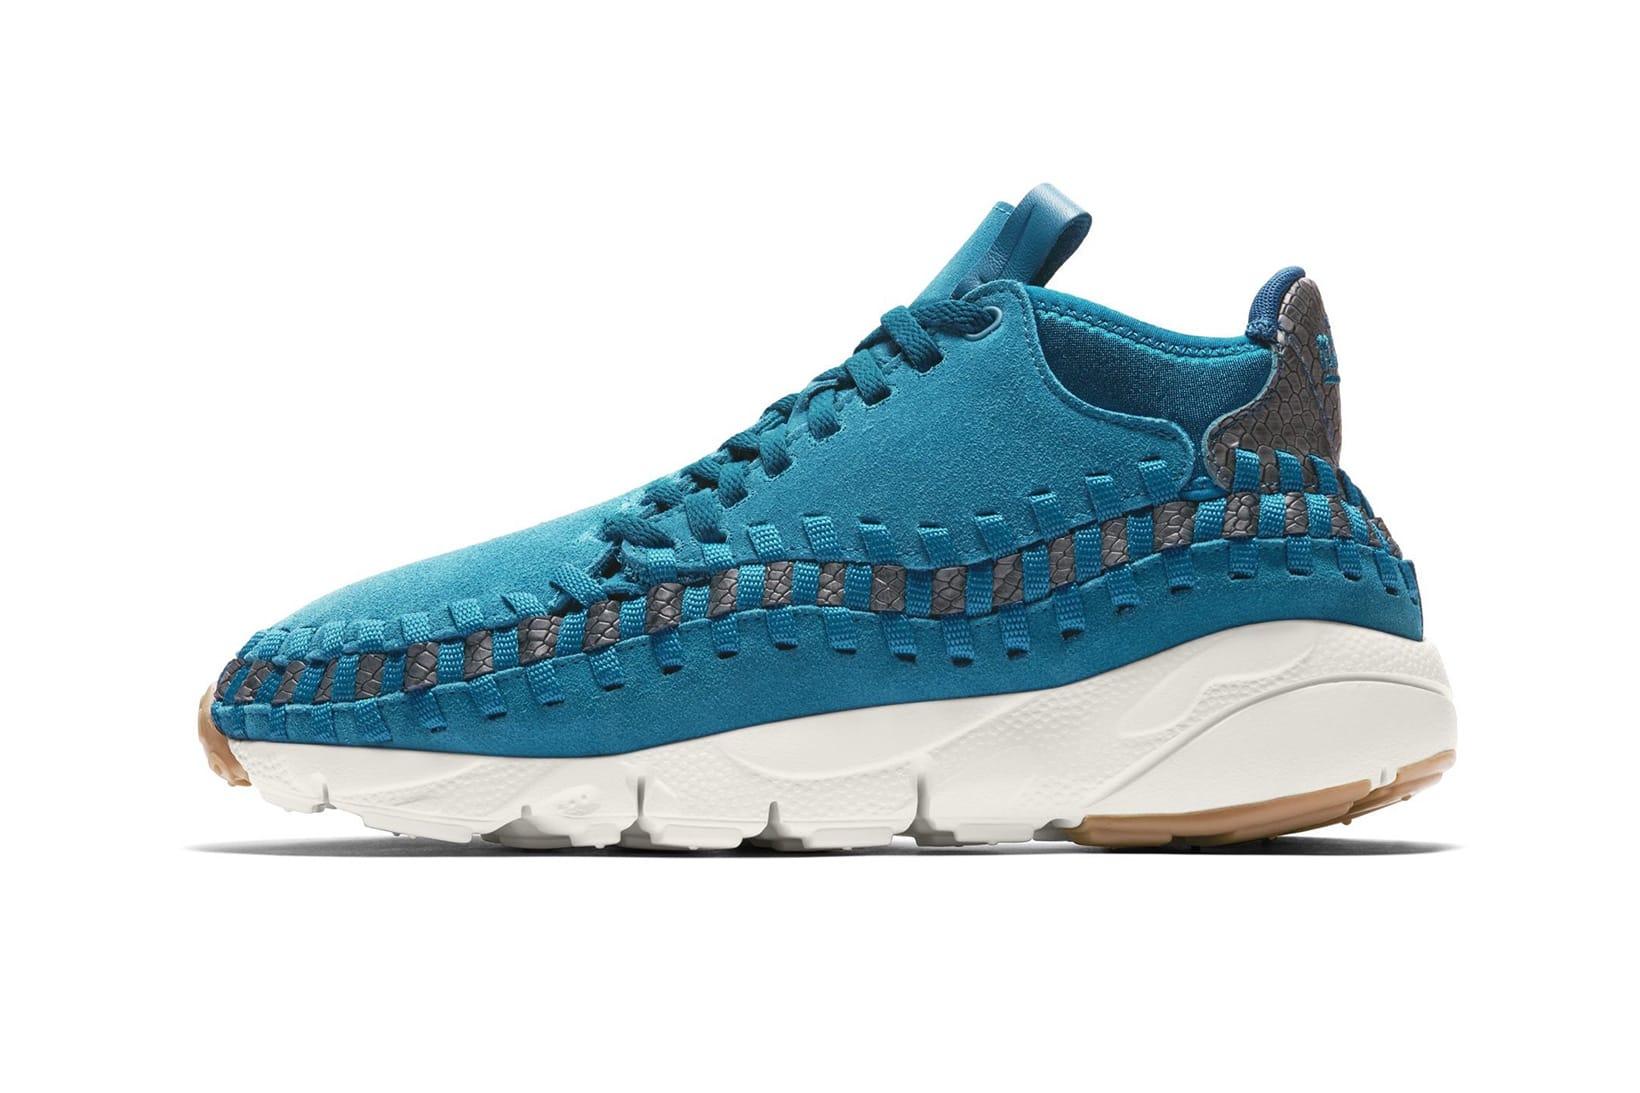 Nike Air Footscape Woven Chukka Blue